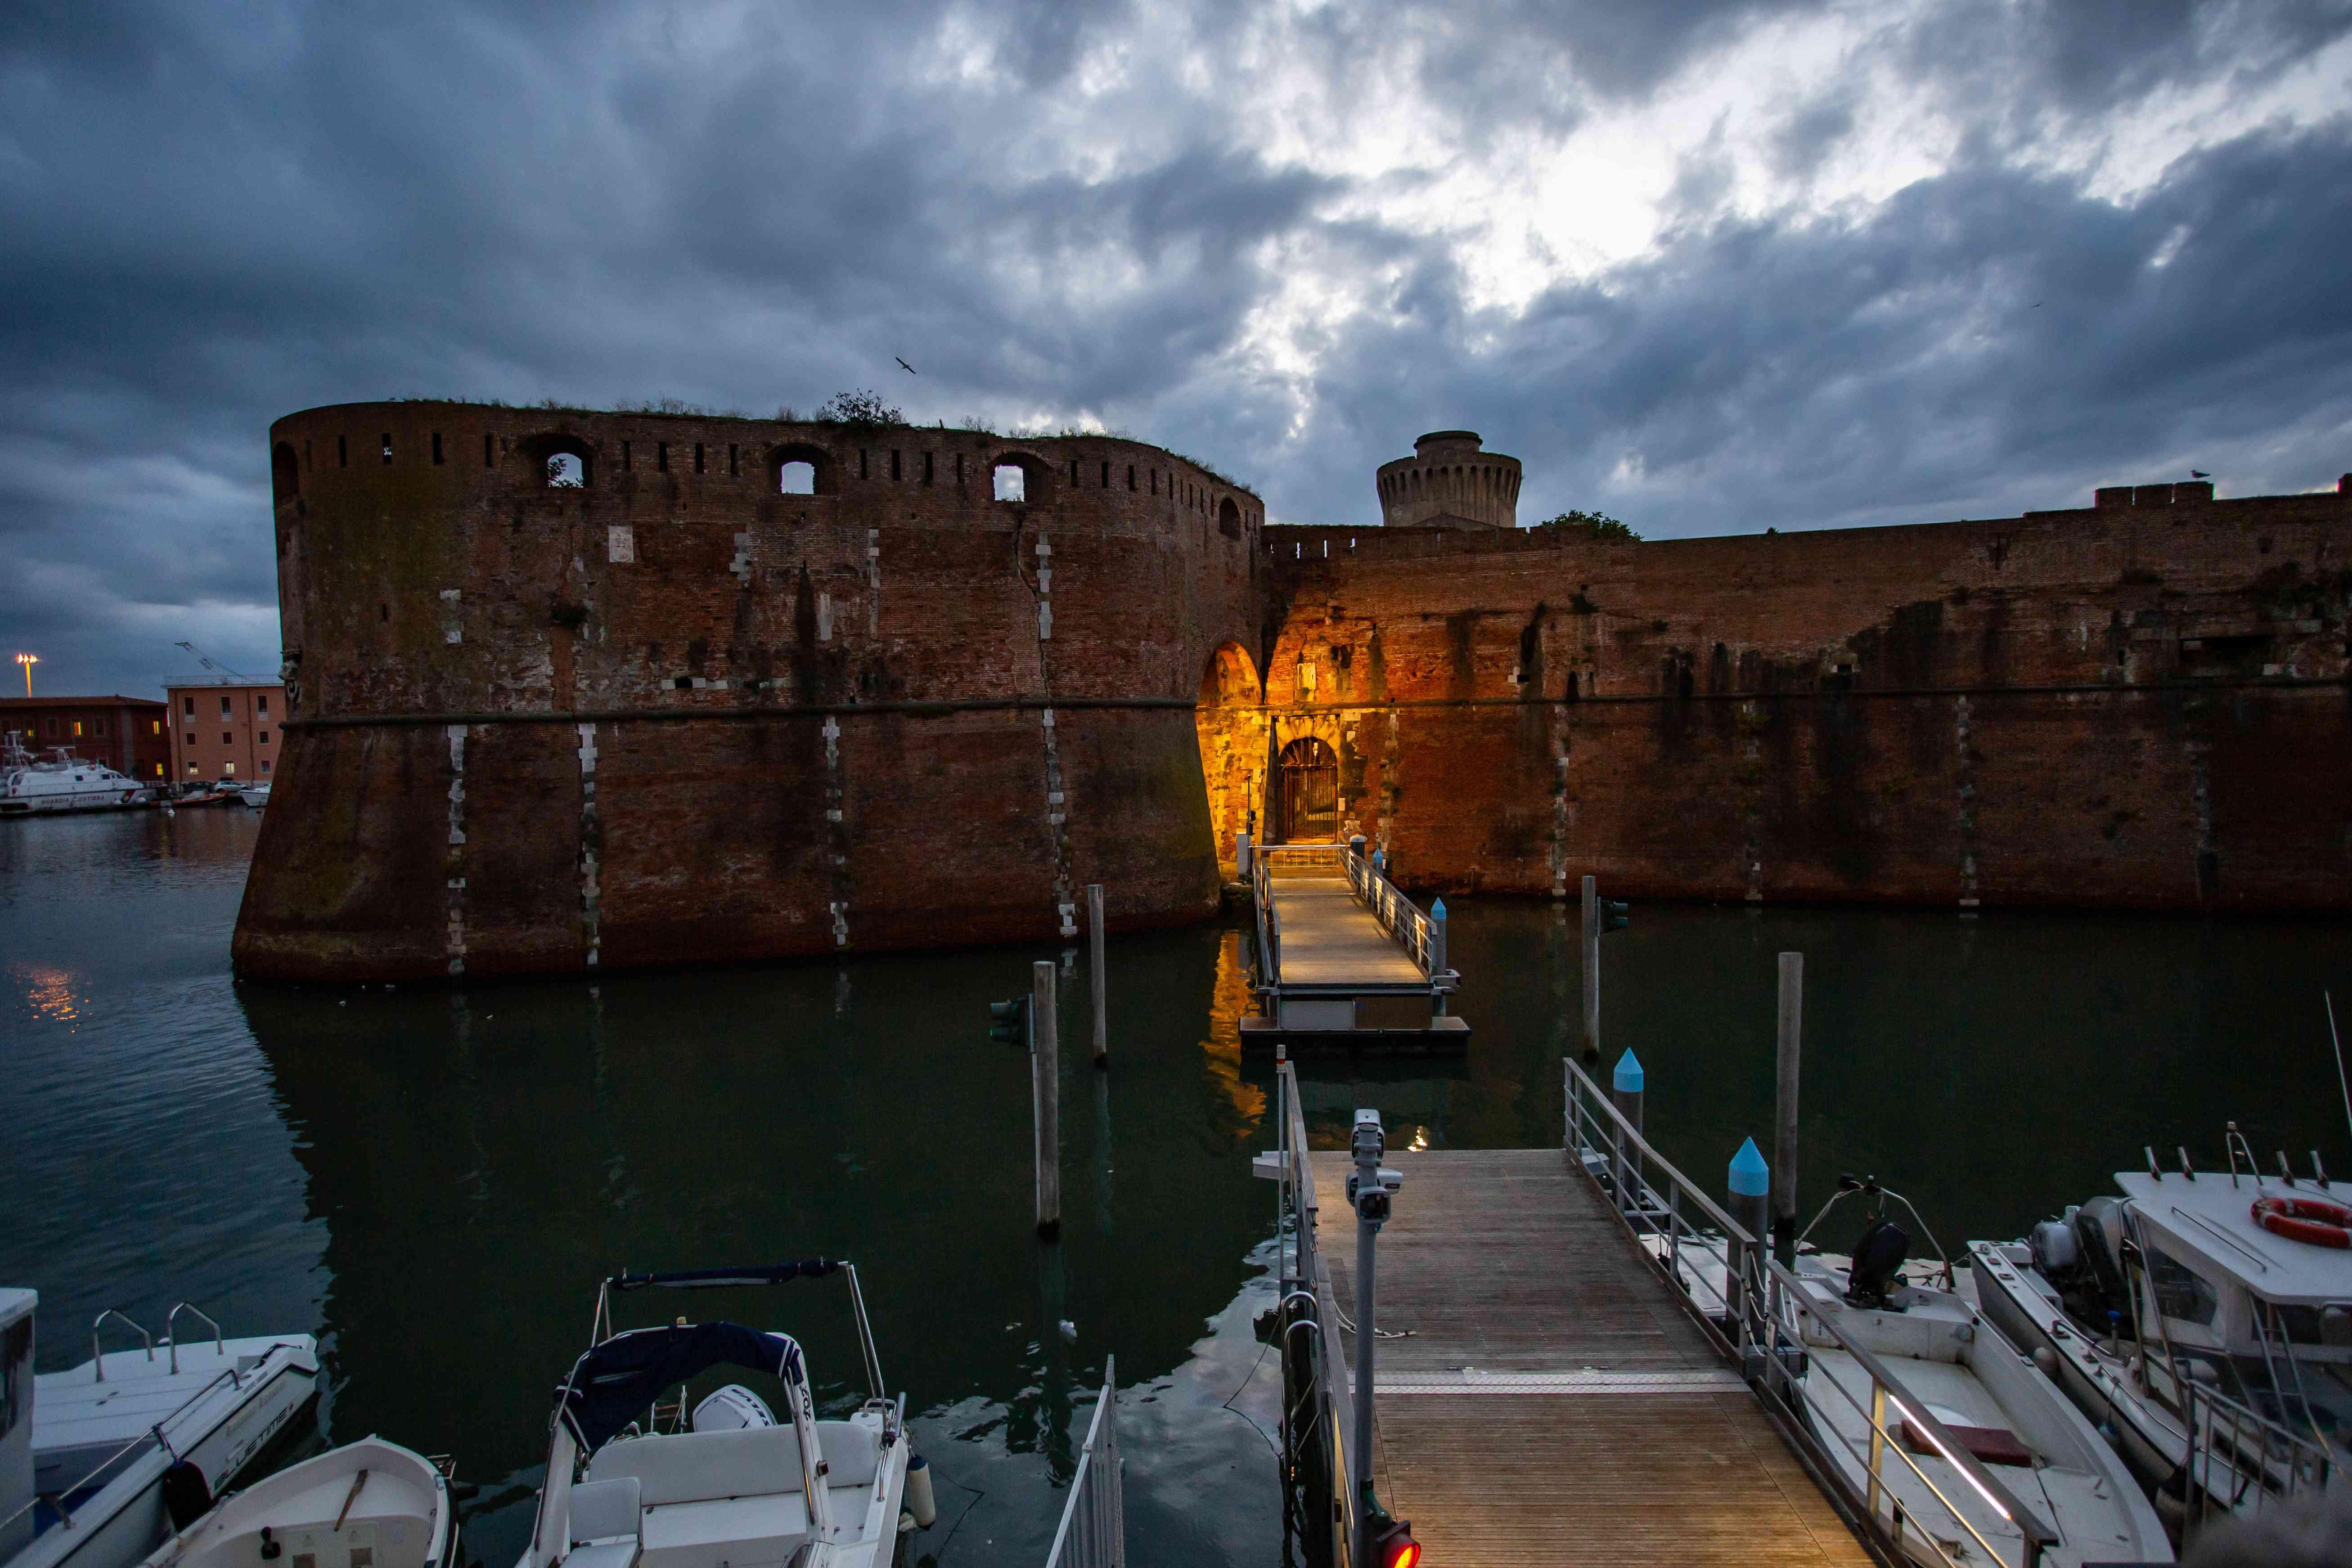 Fortezza Vecchia in Livorno, Tuscany, Italy